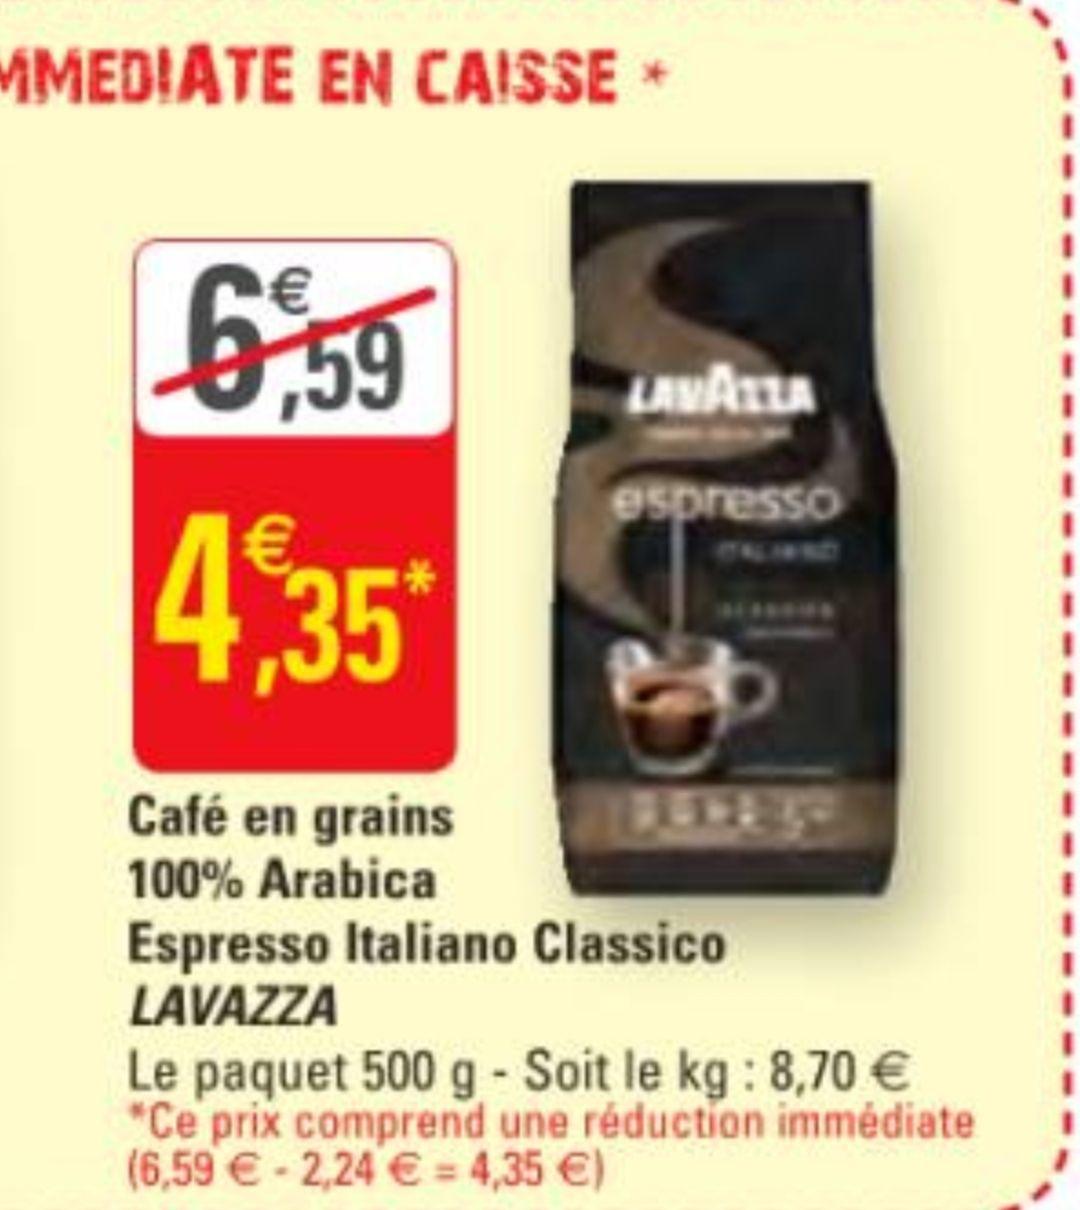 Paquet de Café en grains Lavazza pur arabica à- 500g